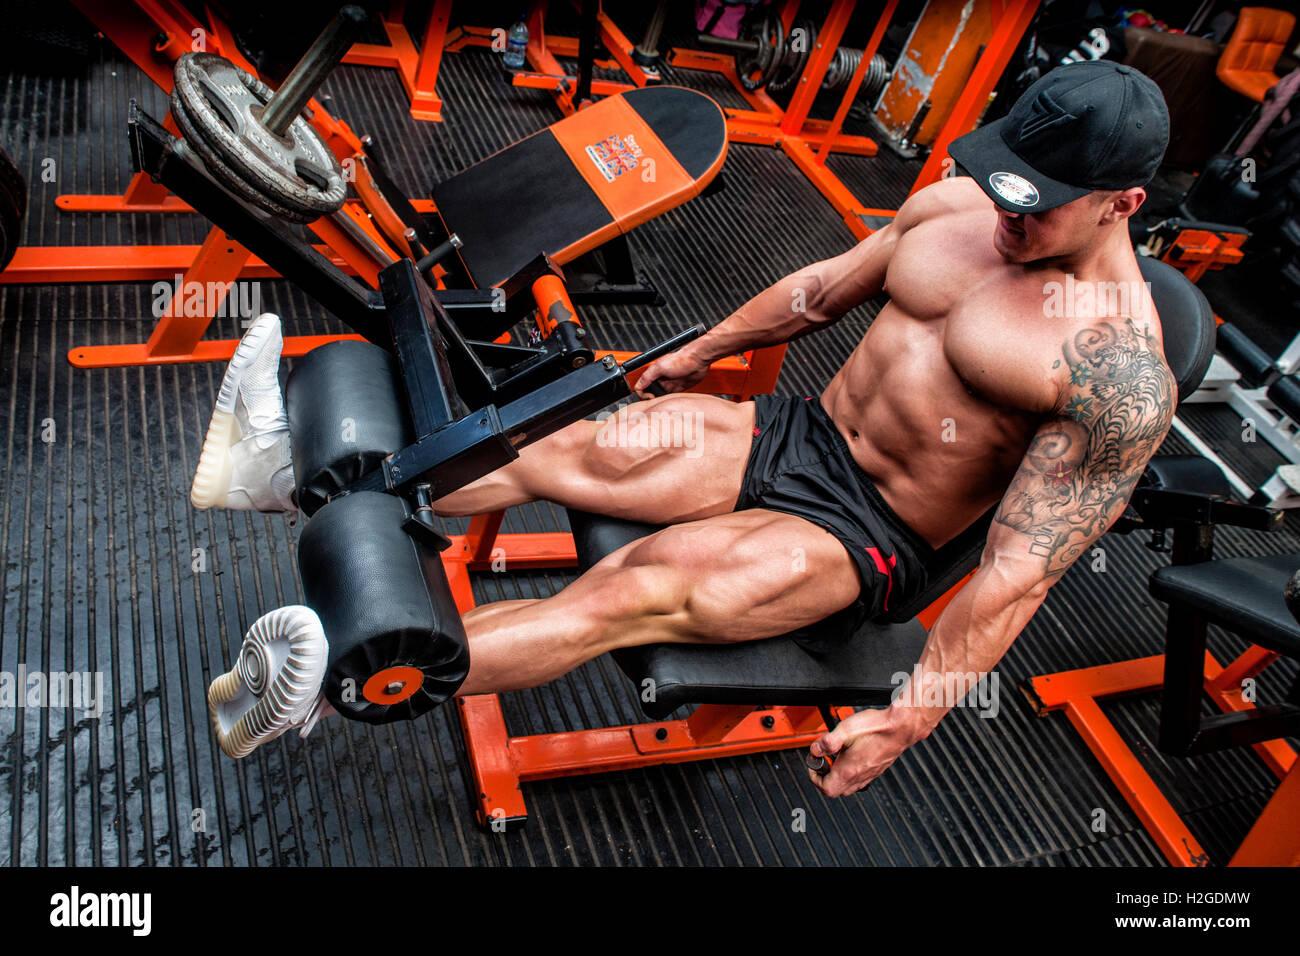 El carrocero haciendo pierna curl en el gimnasio. Imagen De Stock